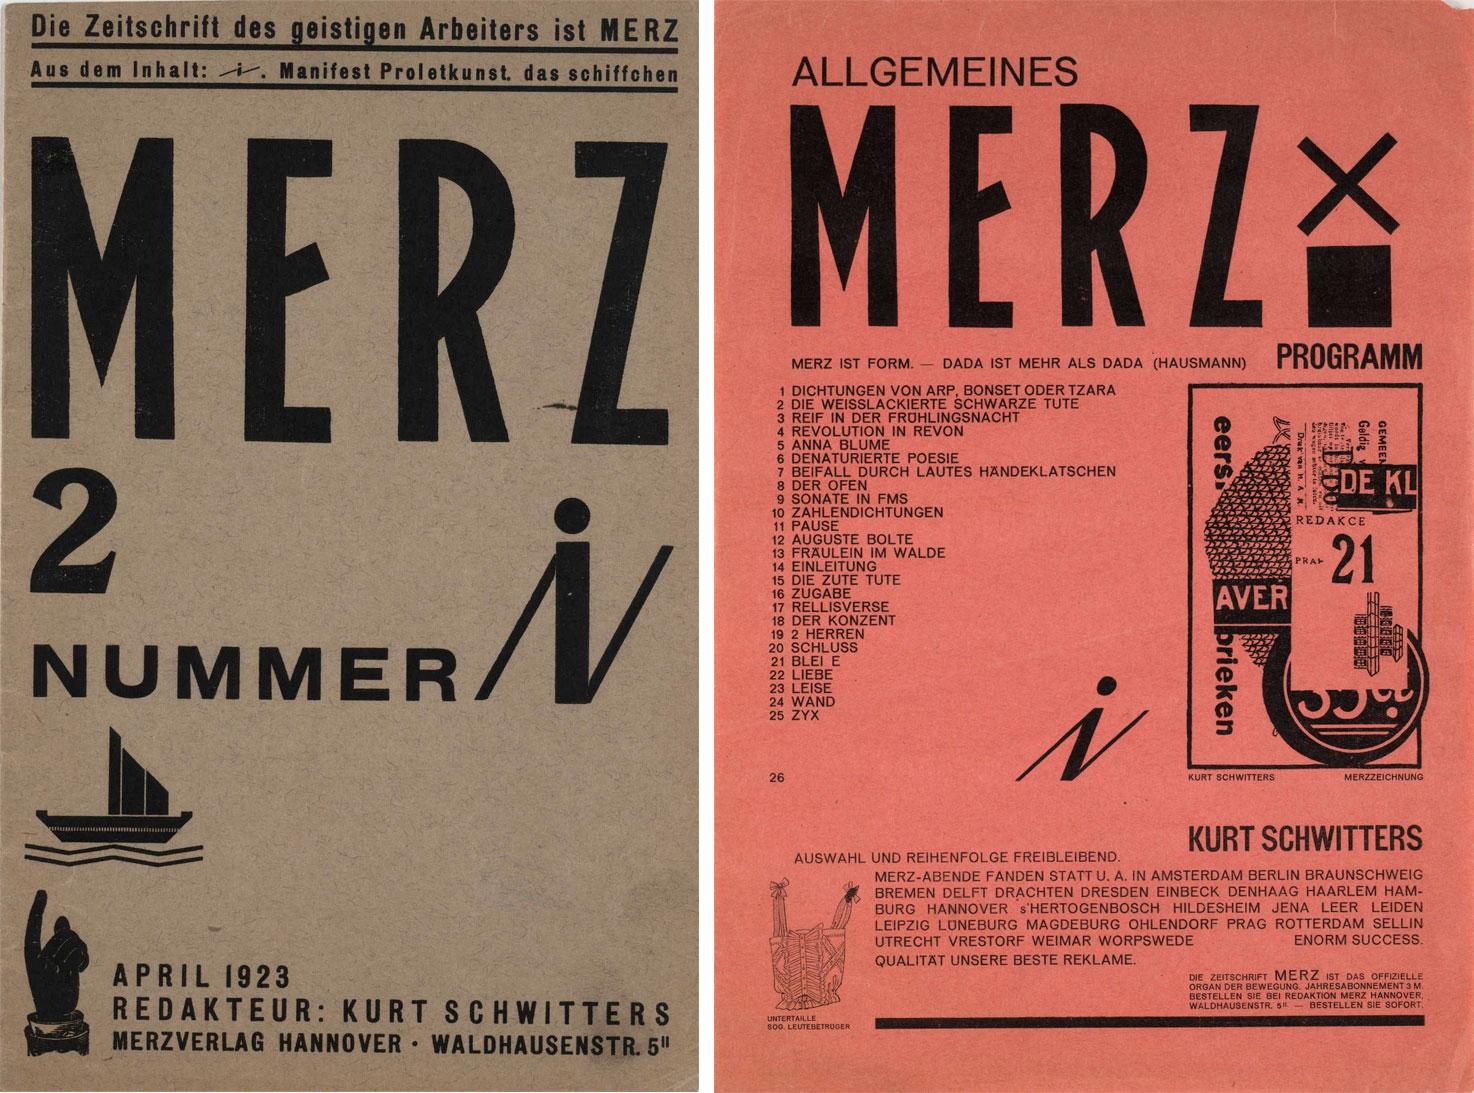 Kurt-Schwitters-revue-MERZ